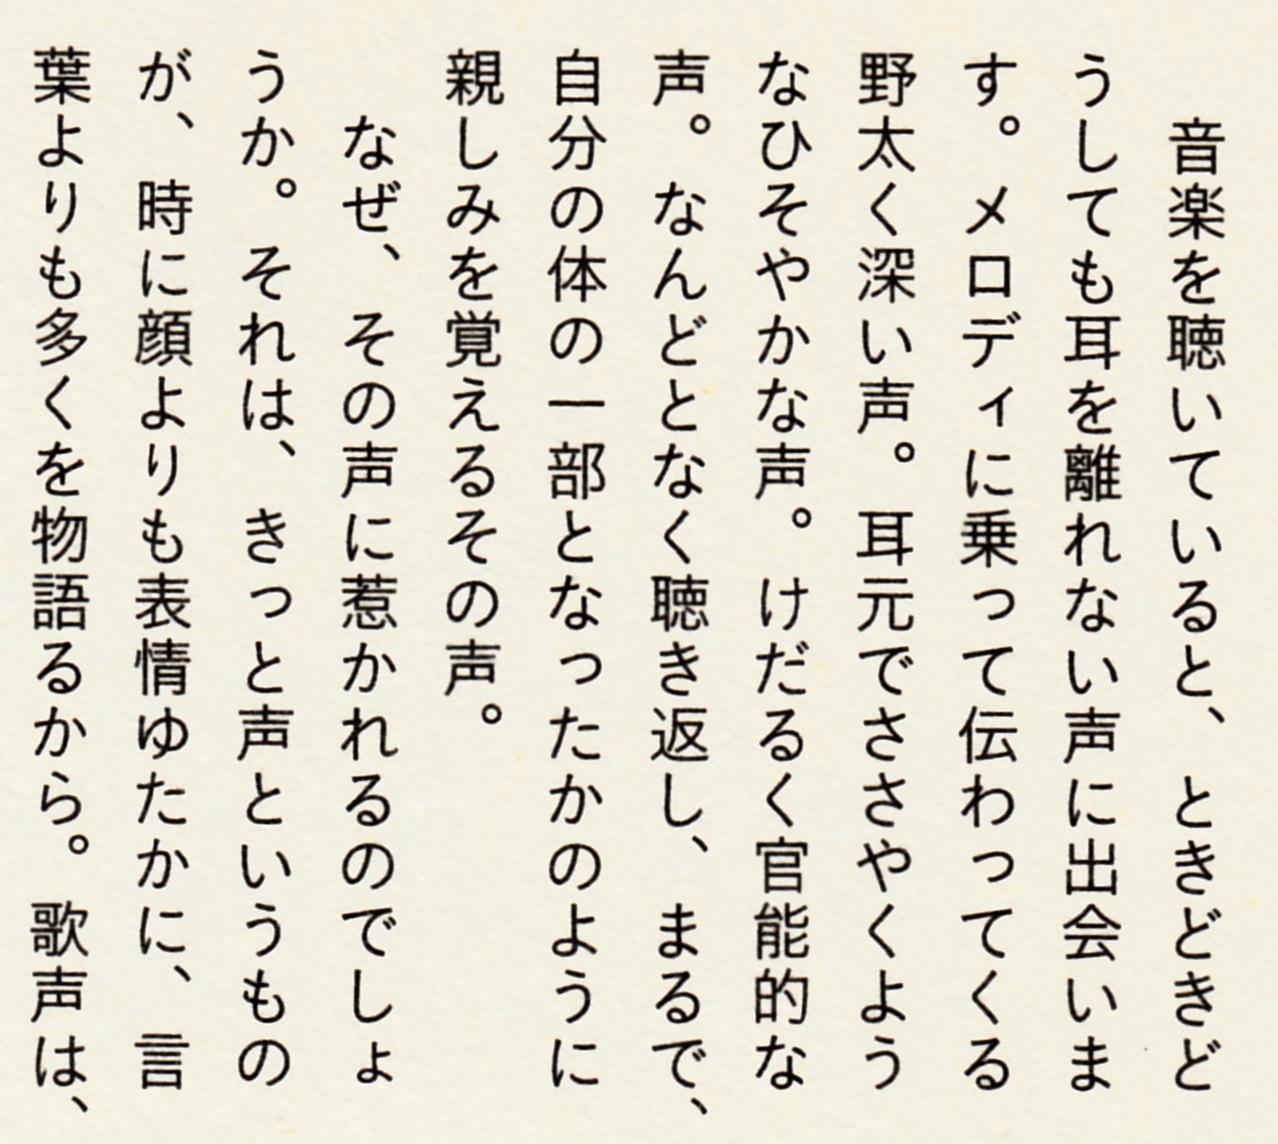 13_クウネル_2003年11月創刊号_キャプション_こぶりな.jpg